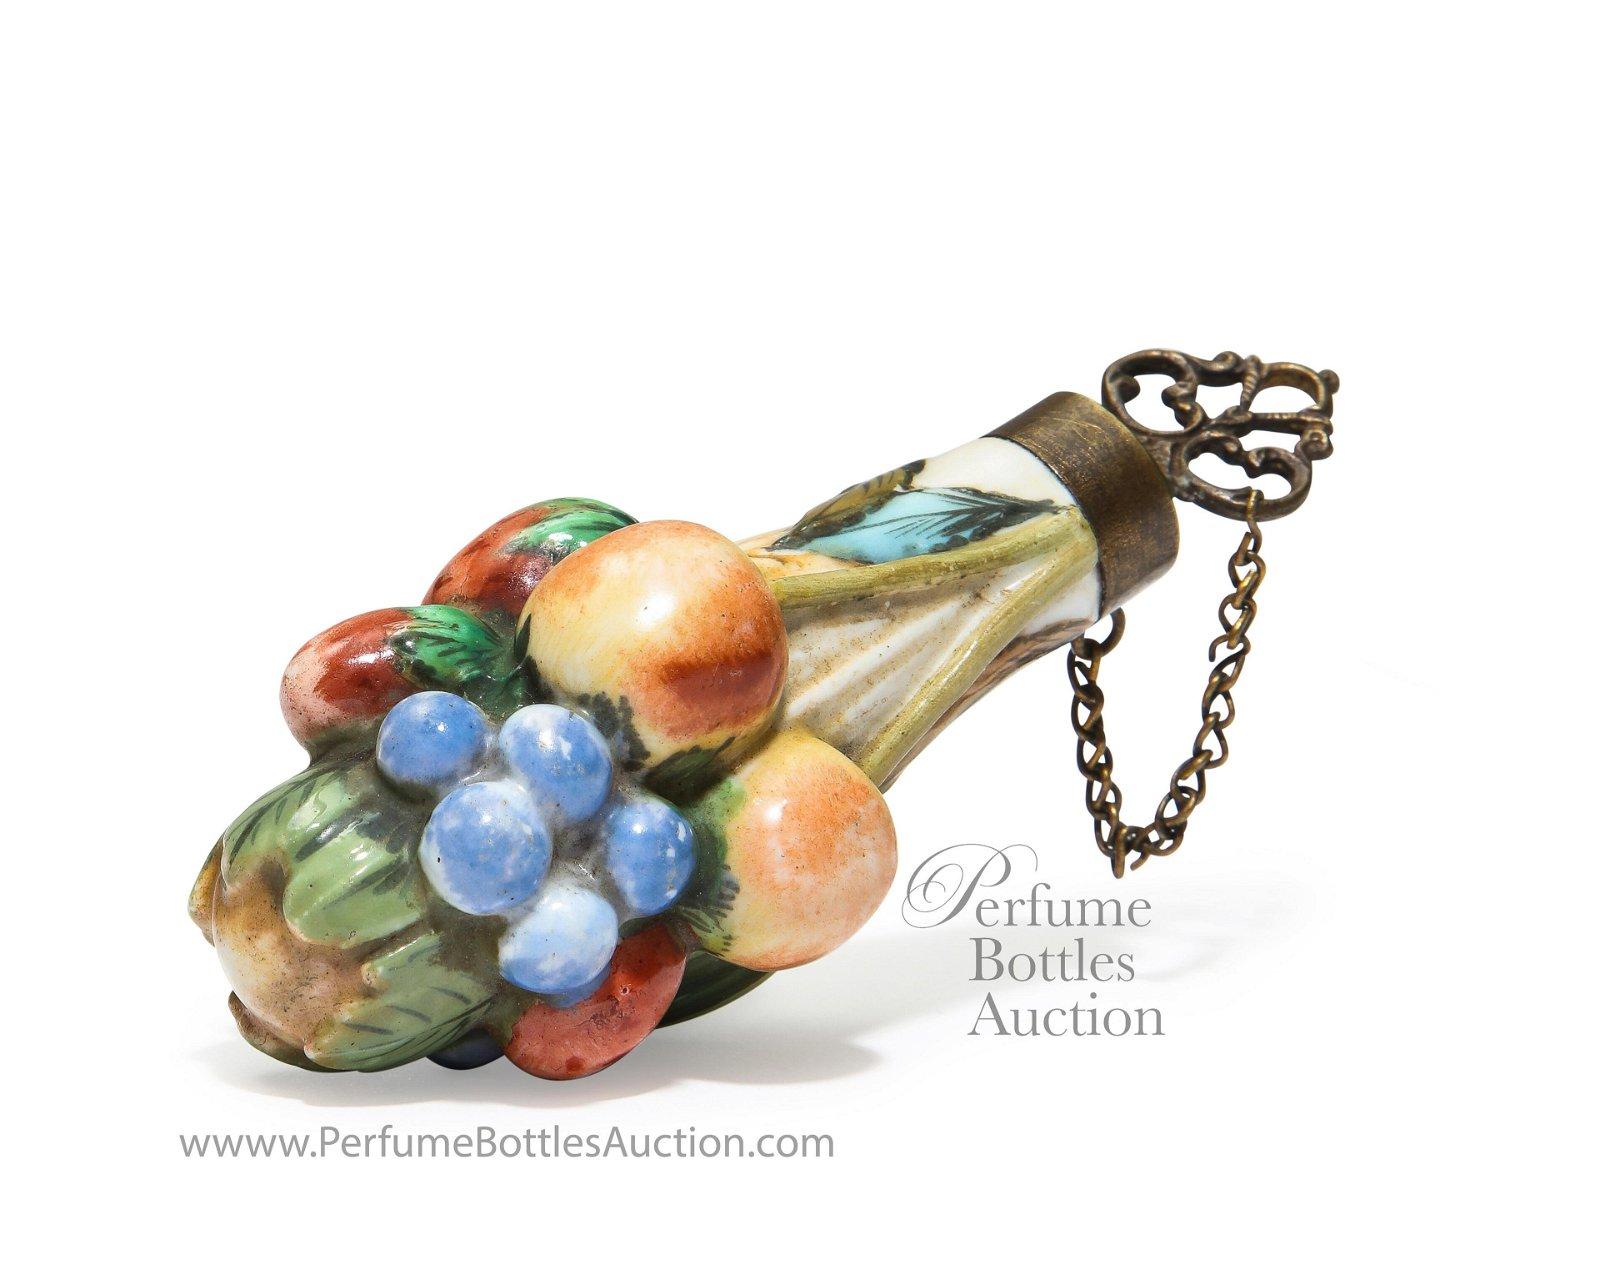 18th c. Chelsea Antique Scent Bottle Porcelain Fruit